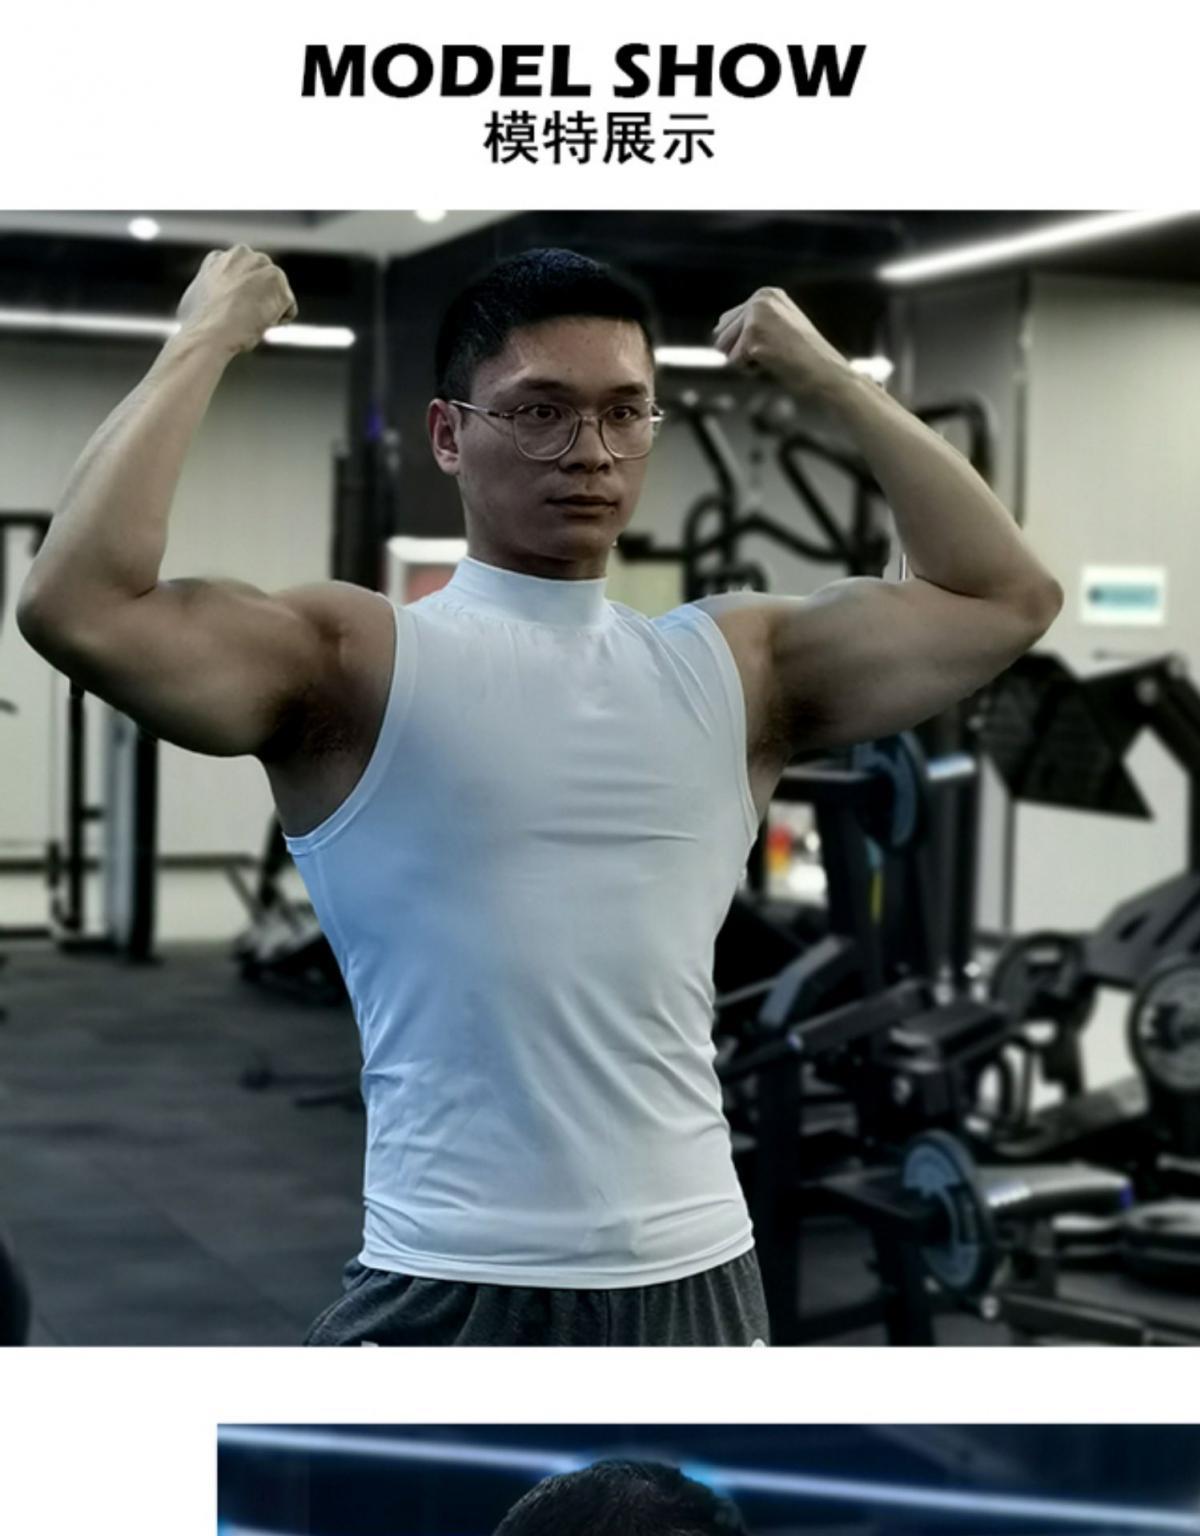 (快速出貨) 男士運動背心無袖緊身速乾運動彈力坎肩健身T恤高領訓練背心 7